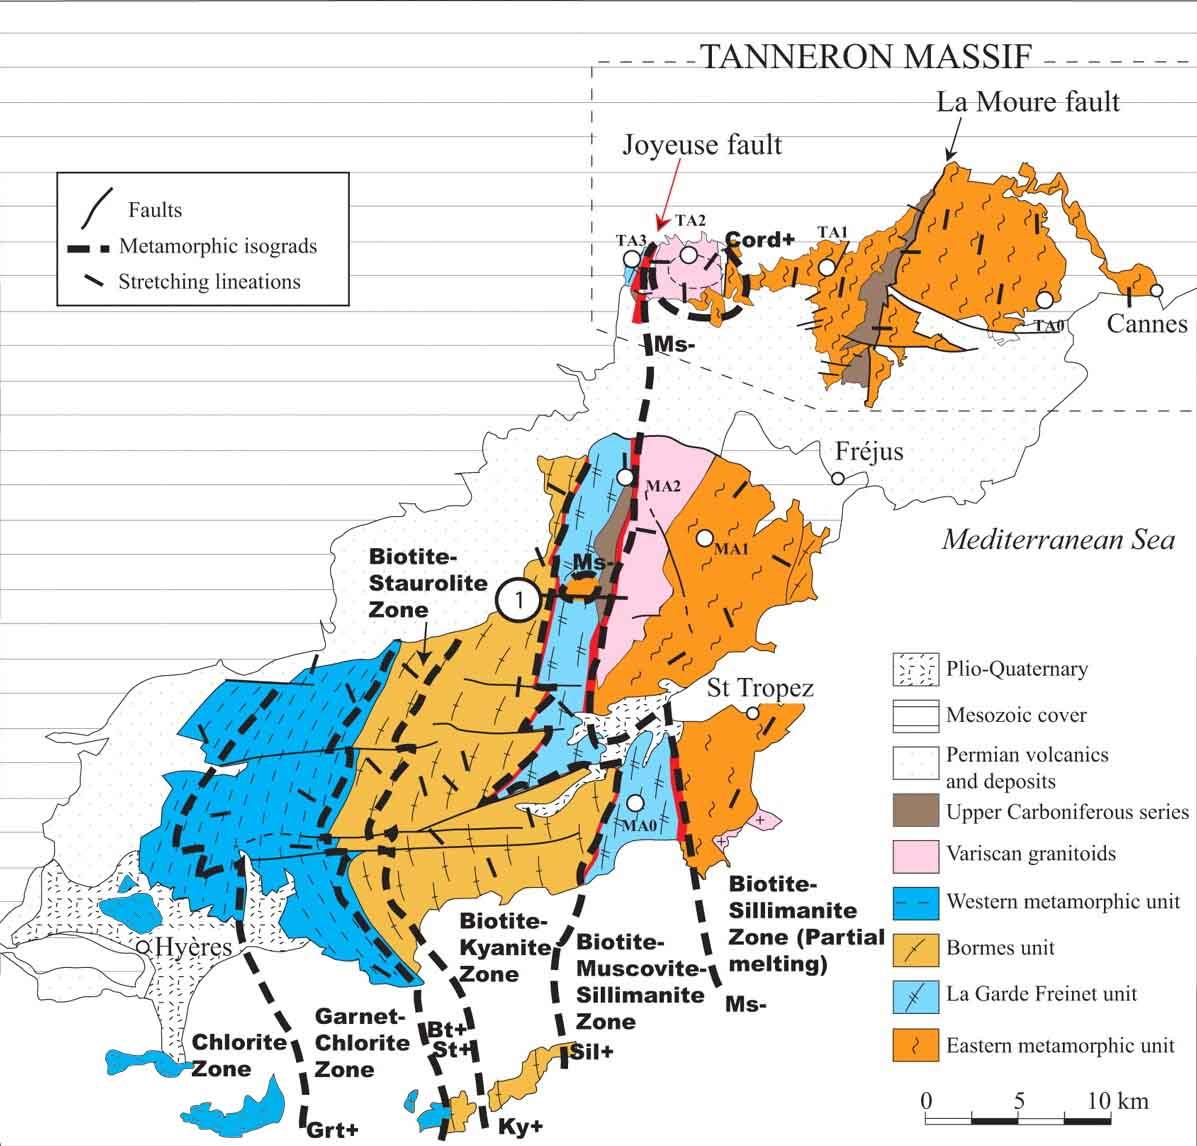 Carte métamorphique du massif des Maures-Tanneron